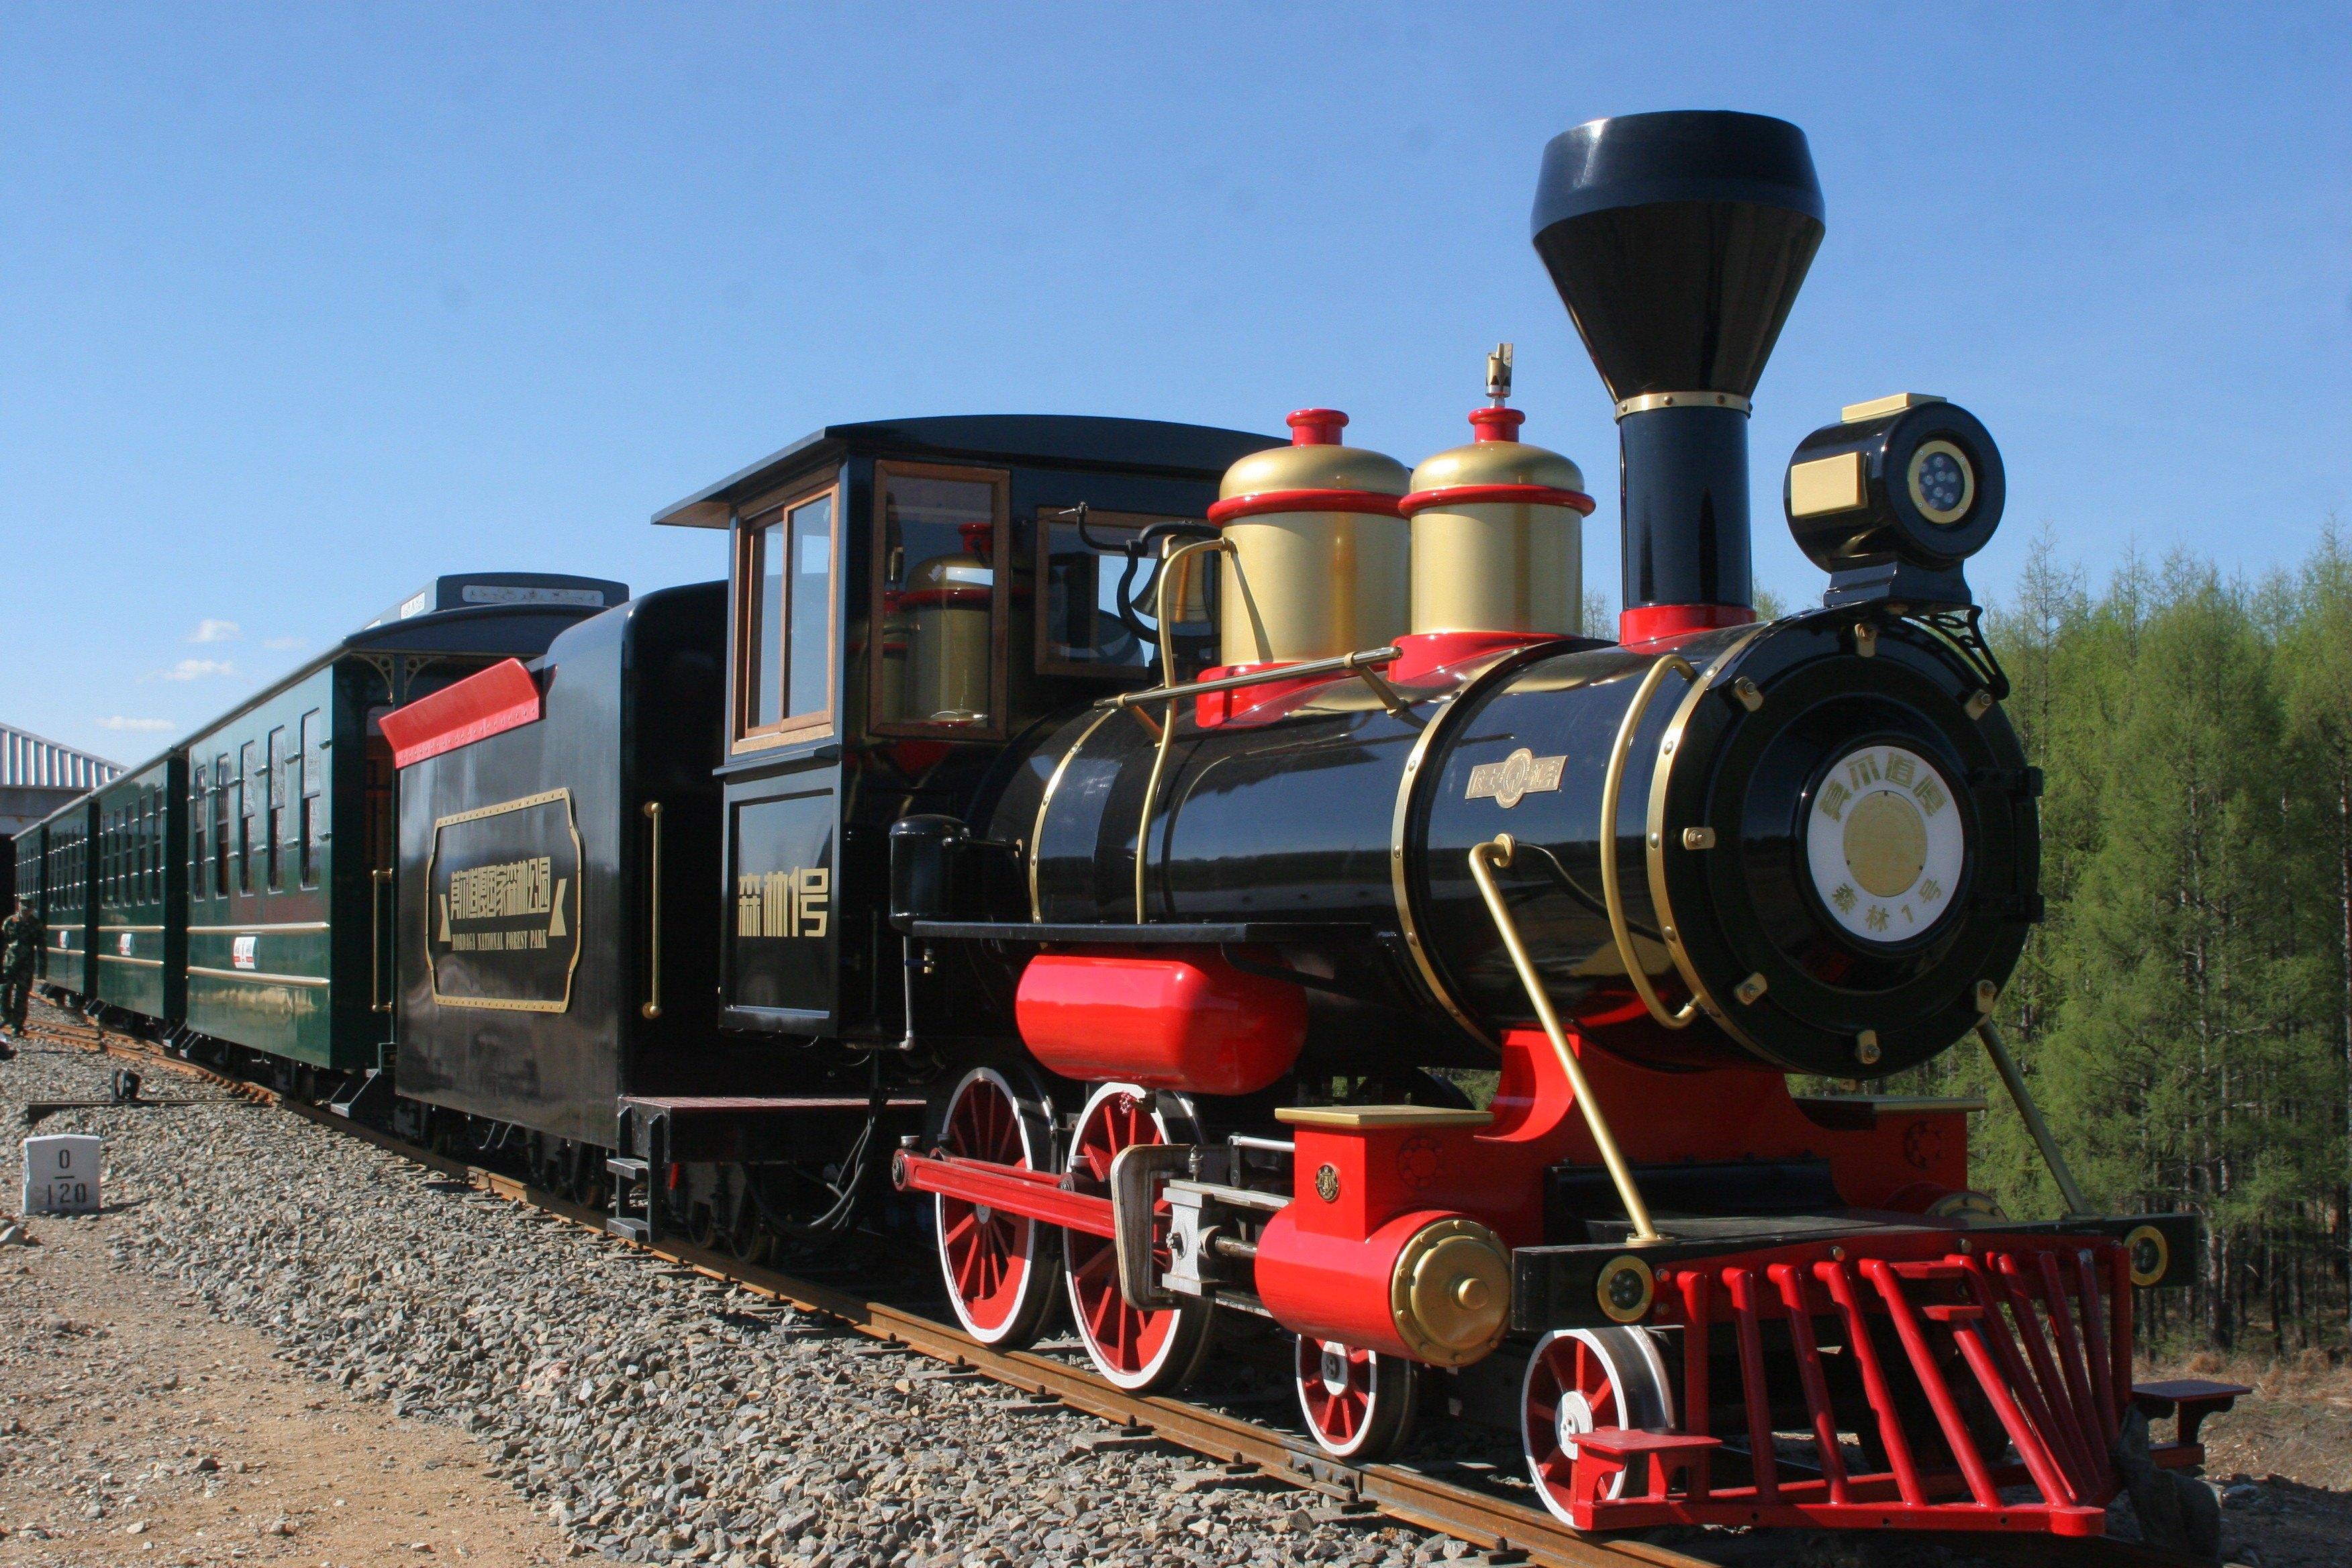 旅游景区观光小火车结构分析及材料